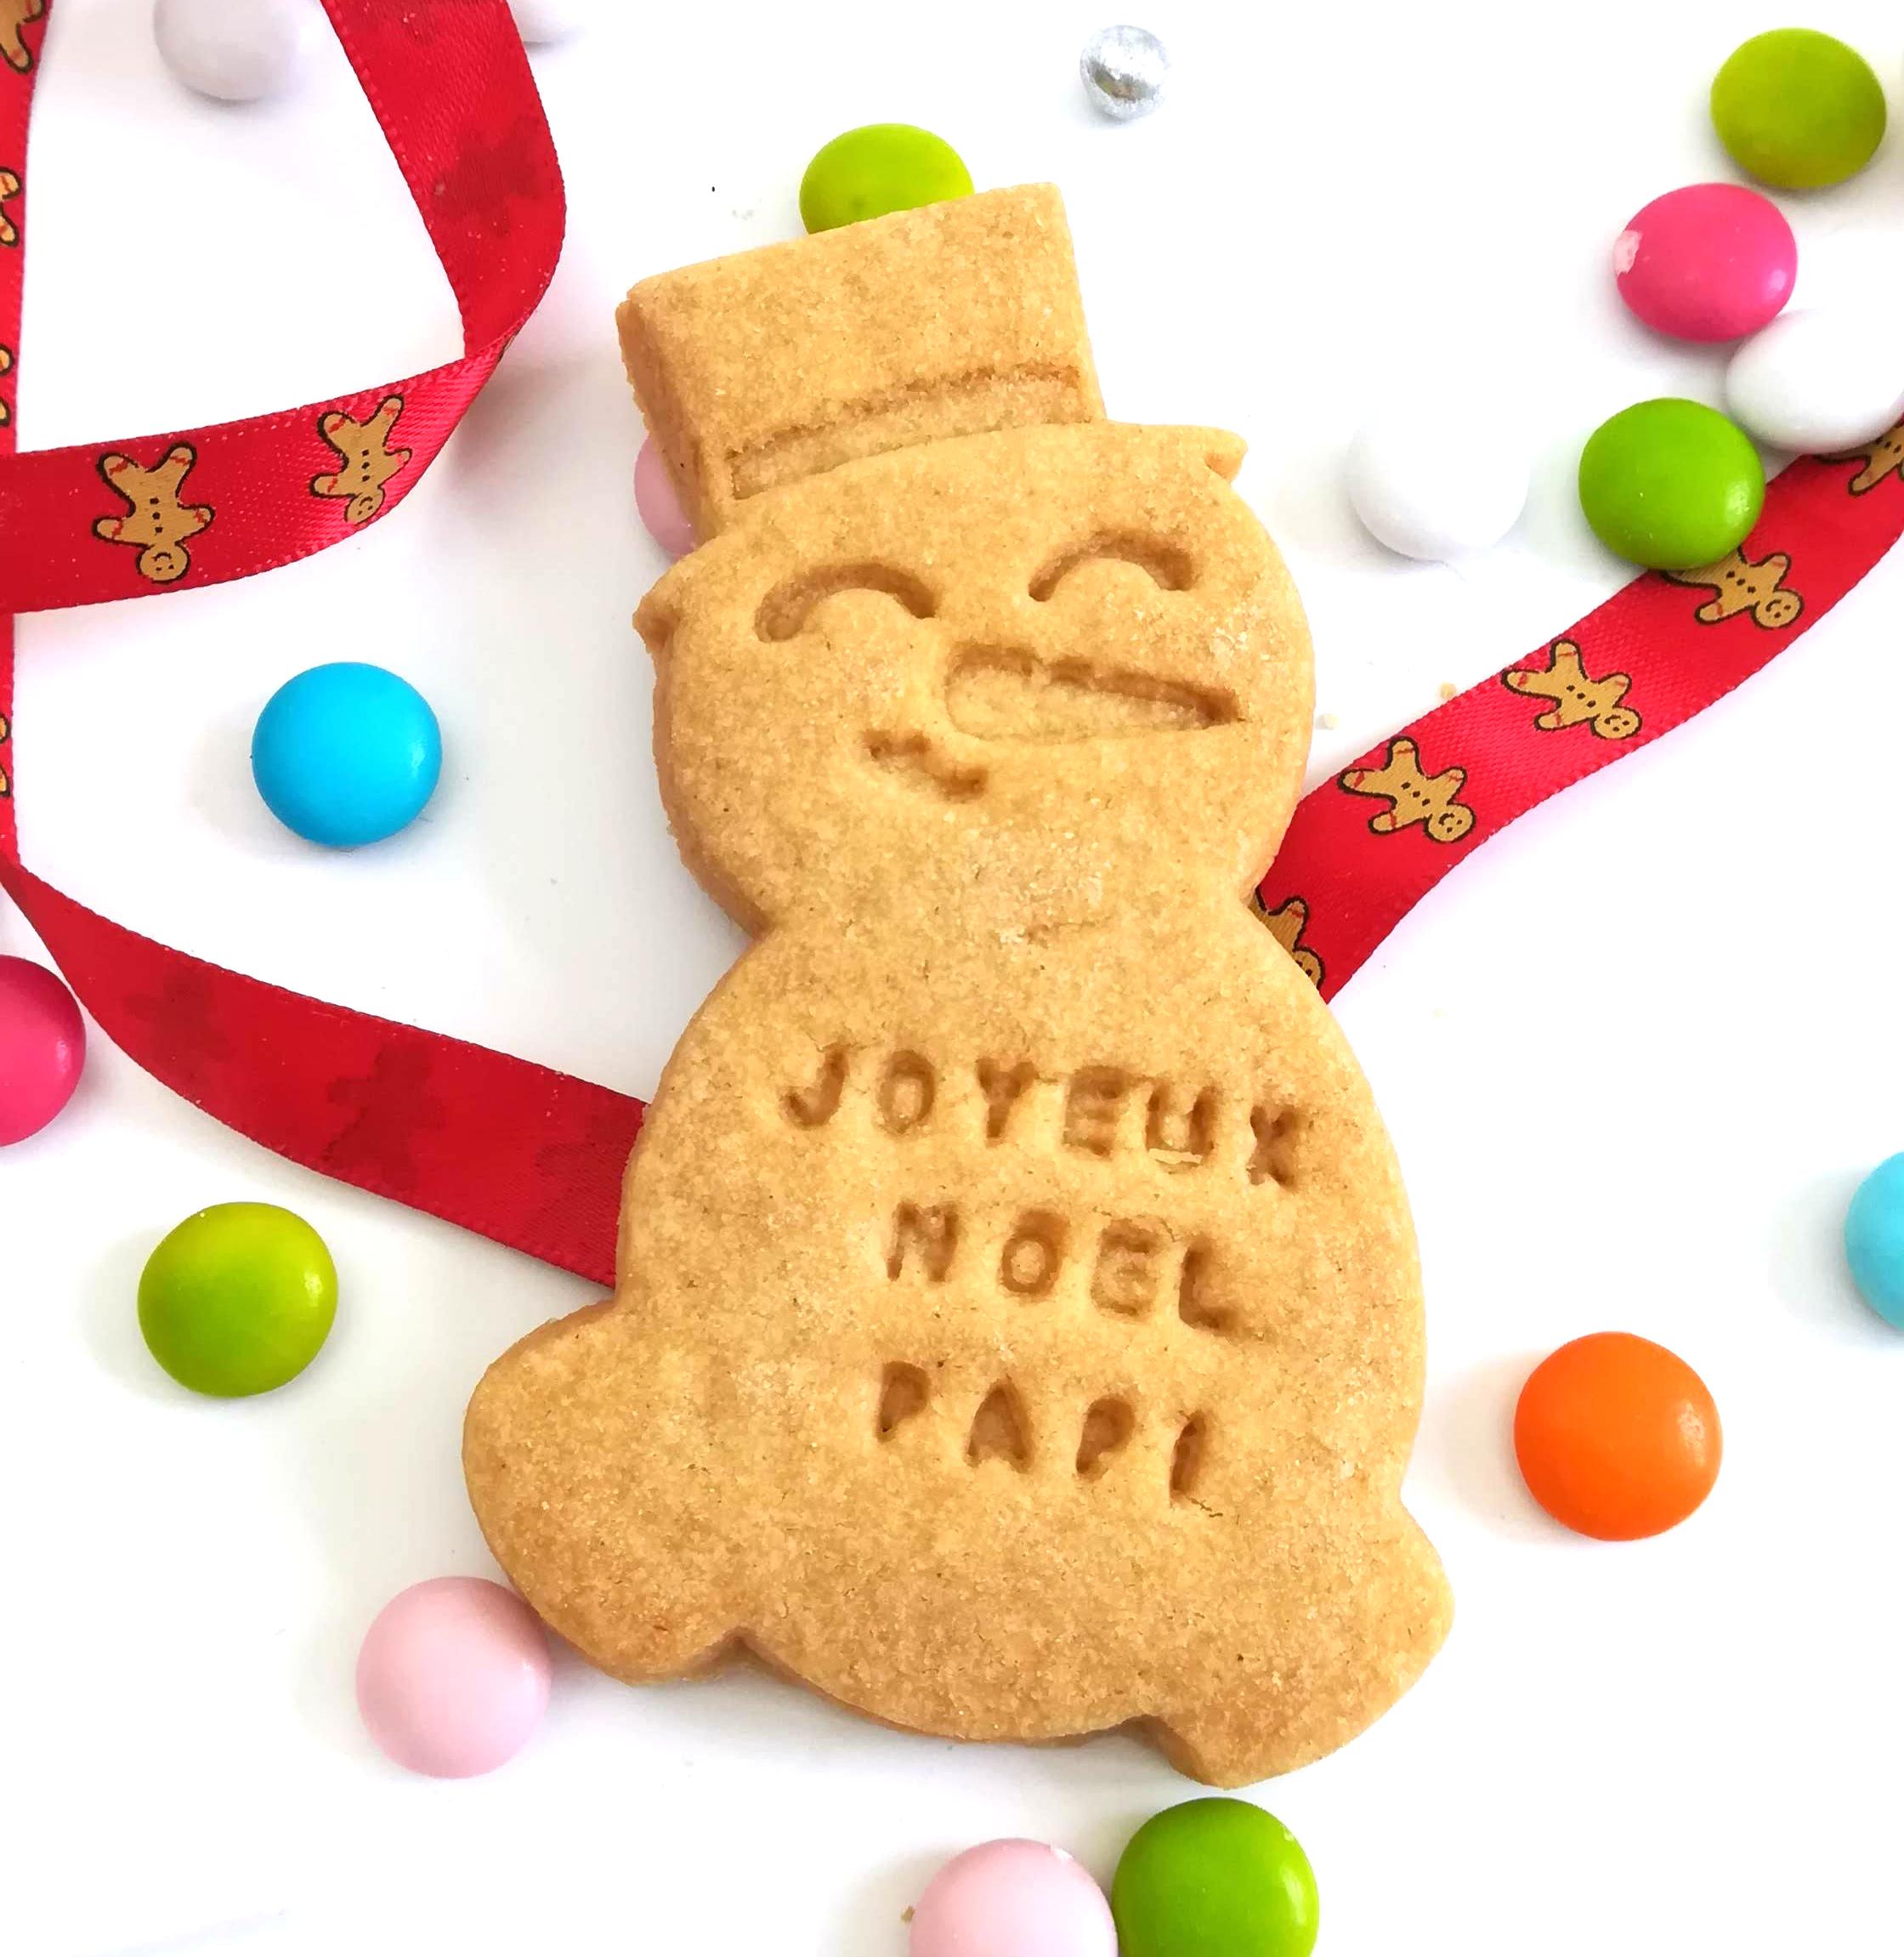 biscuit-personnalise-bonhomme-neige-noel